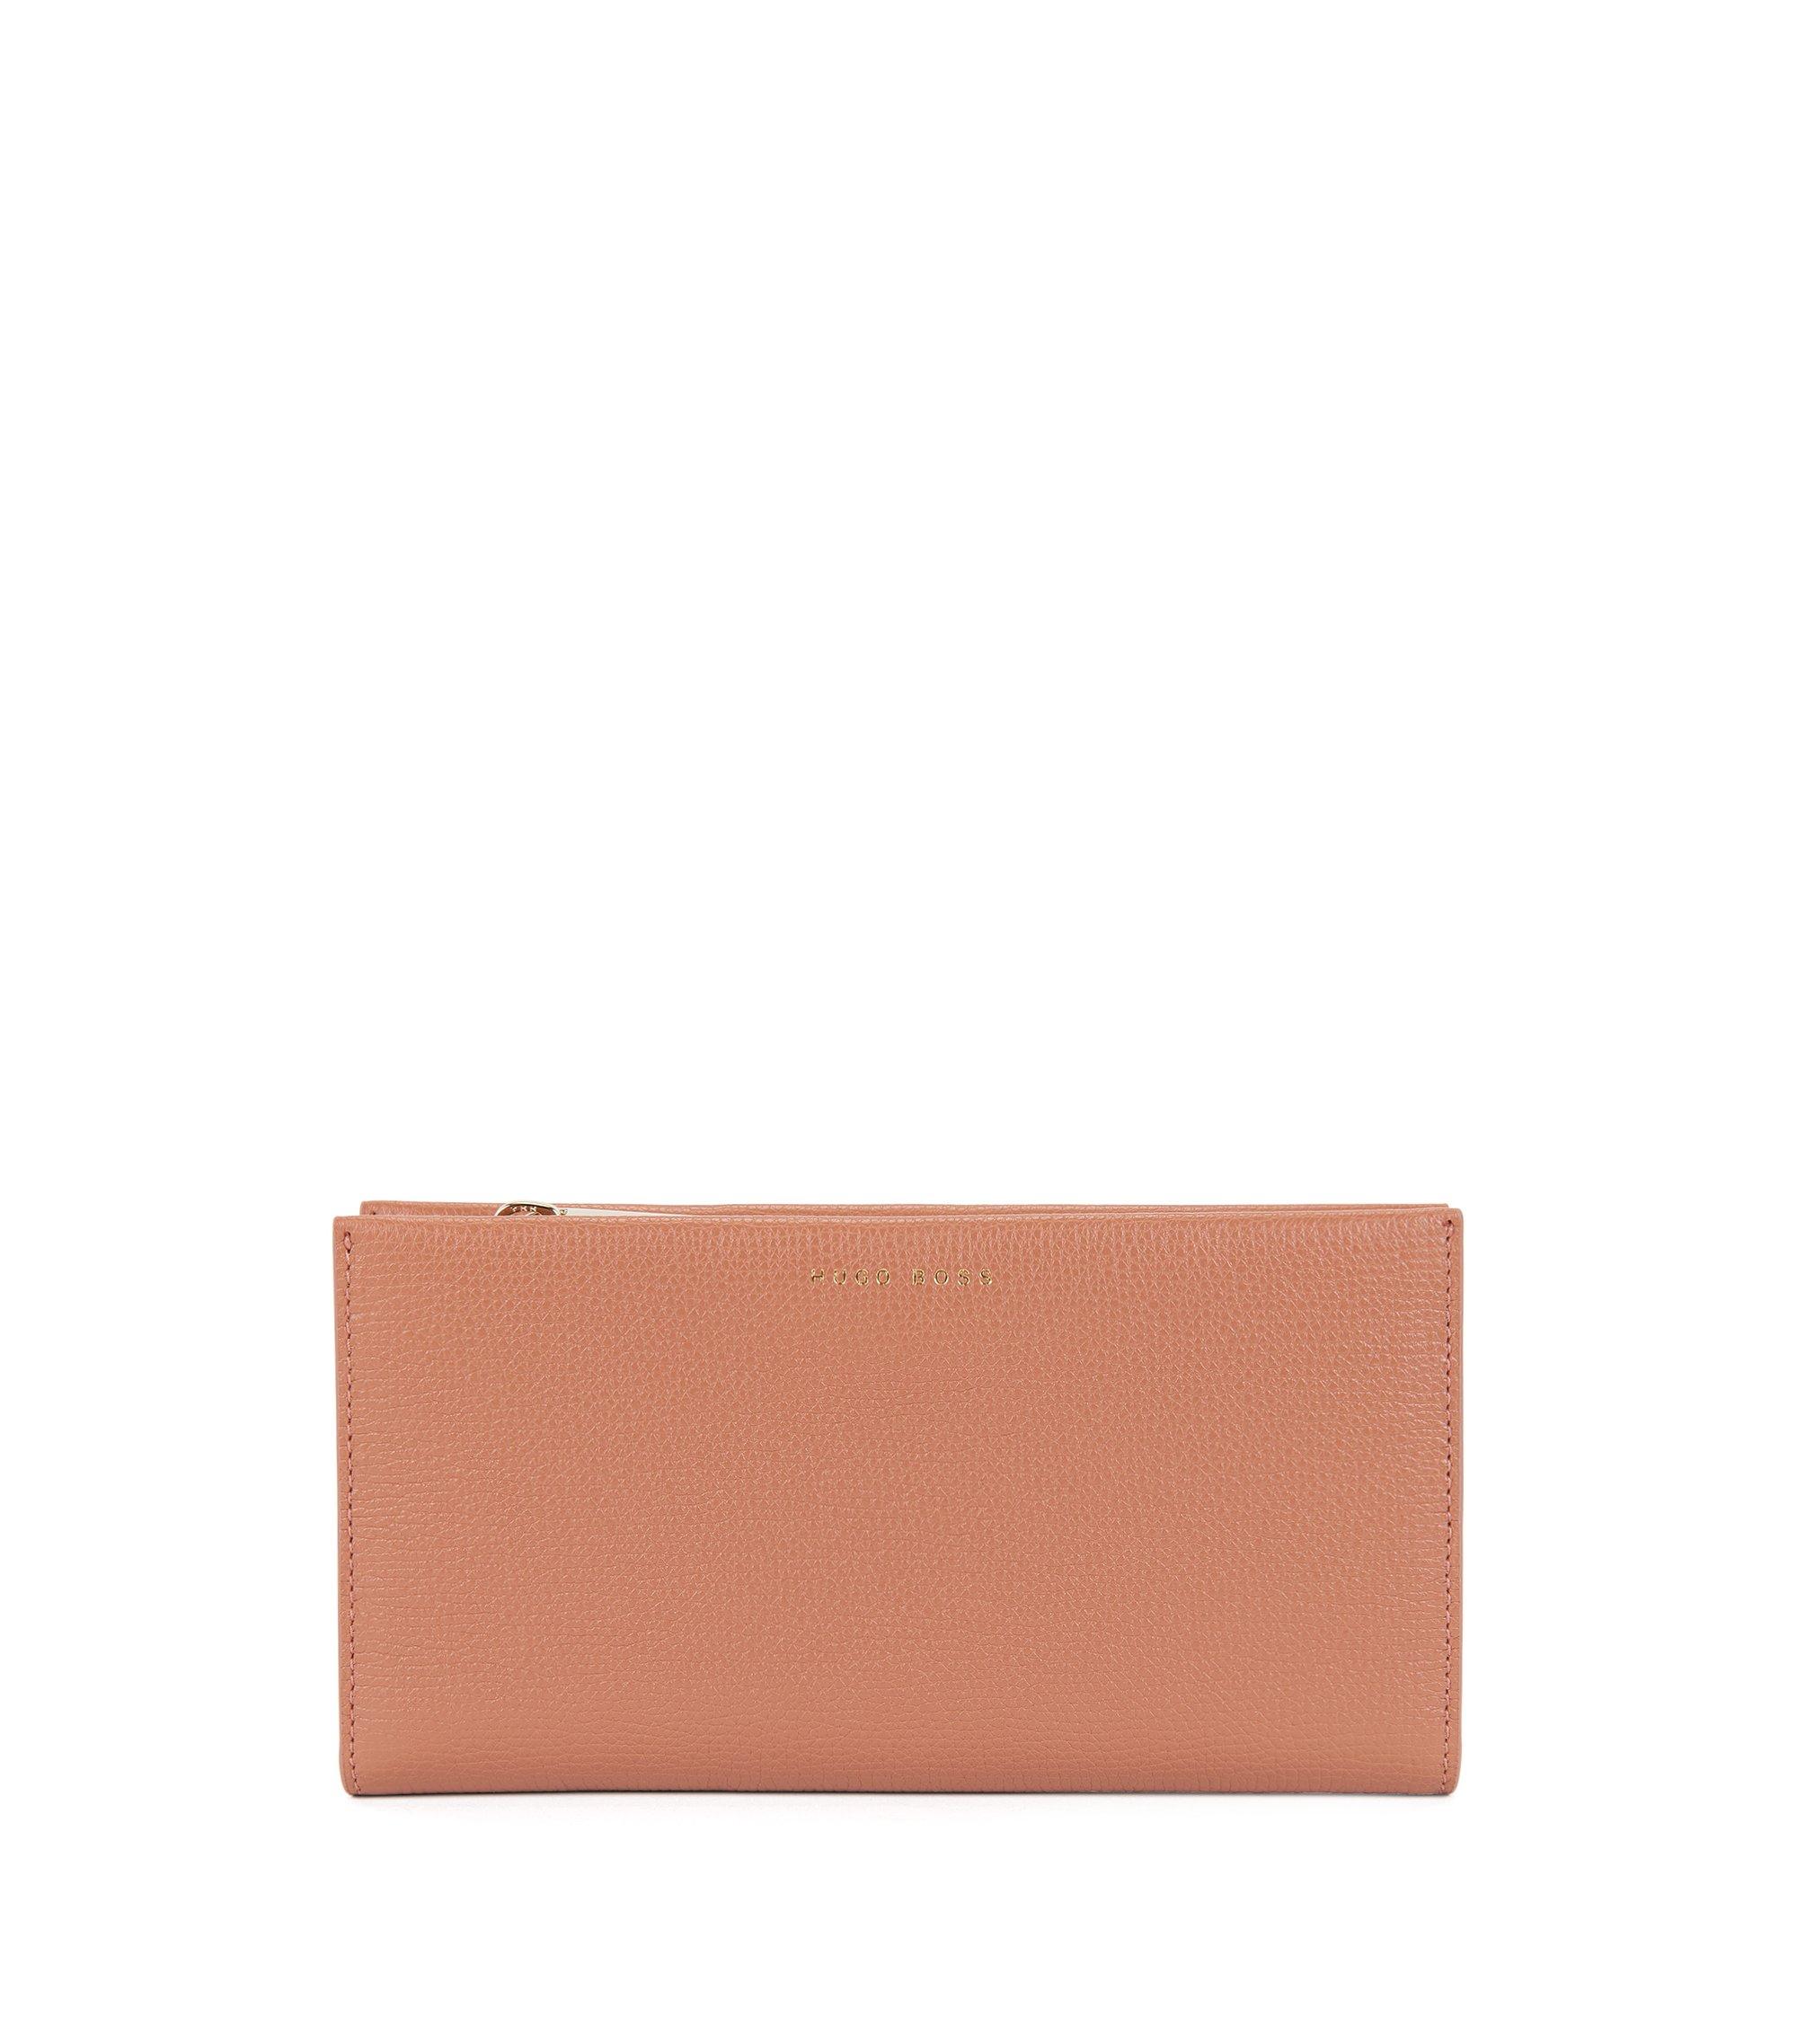 Geldbörse aus genarbtem Leder mit Reißverschluss, Hellbeige